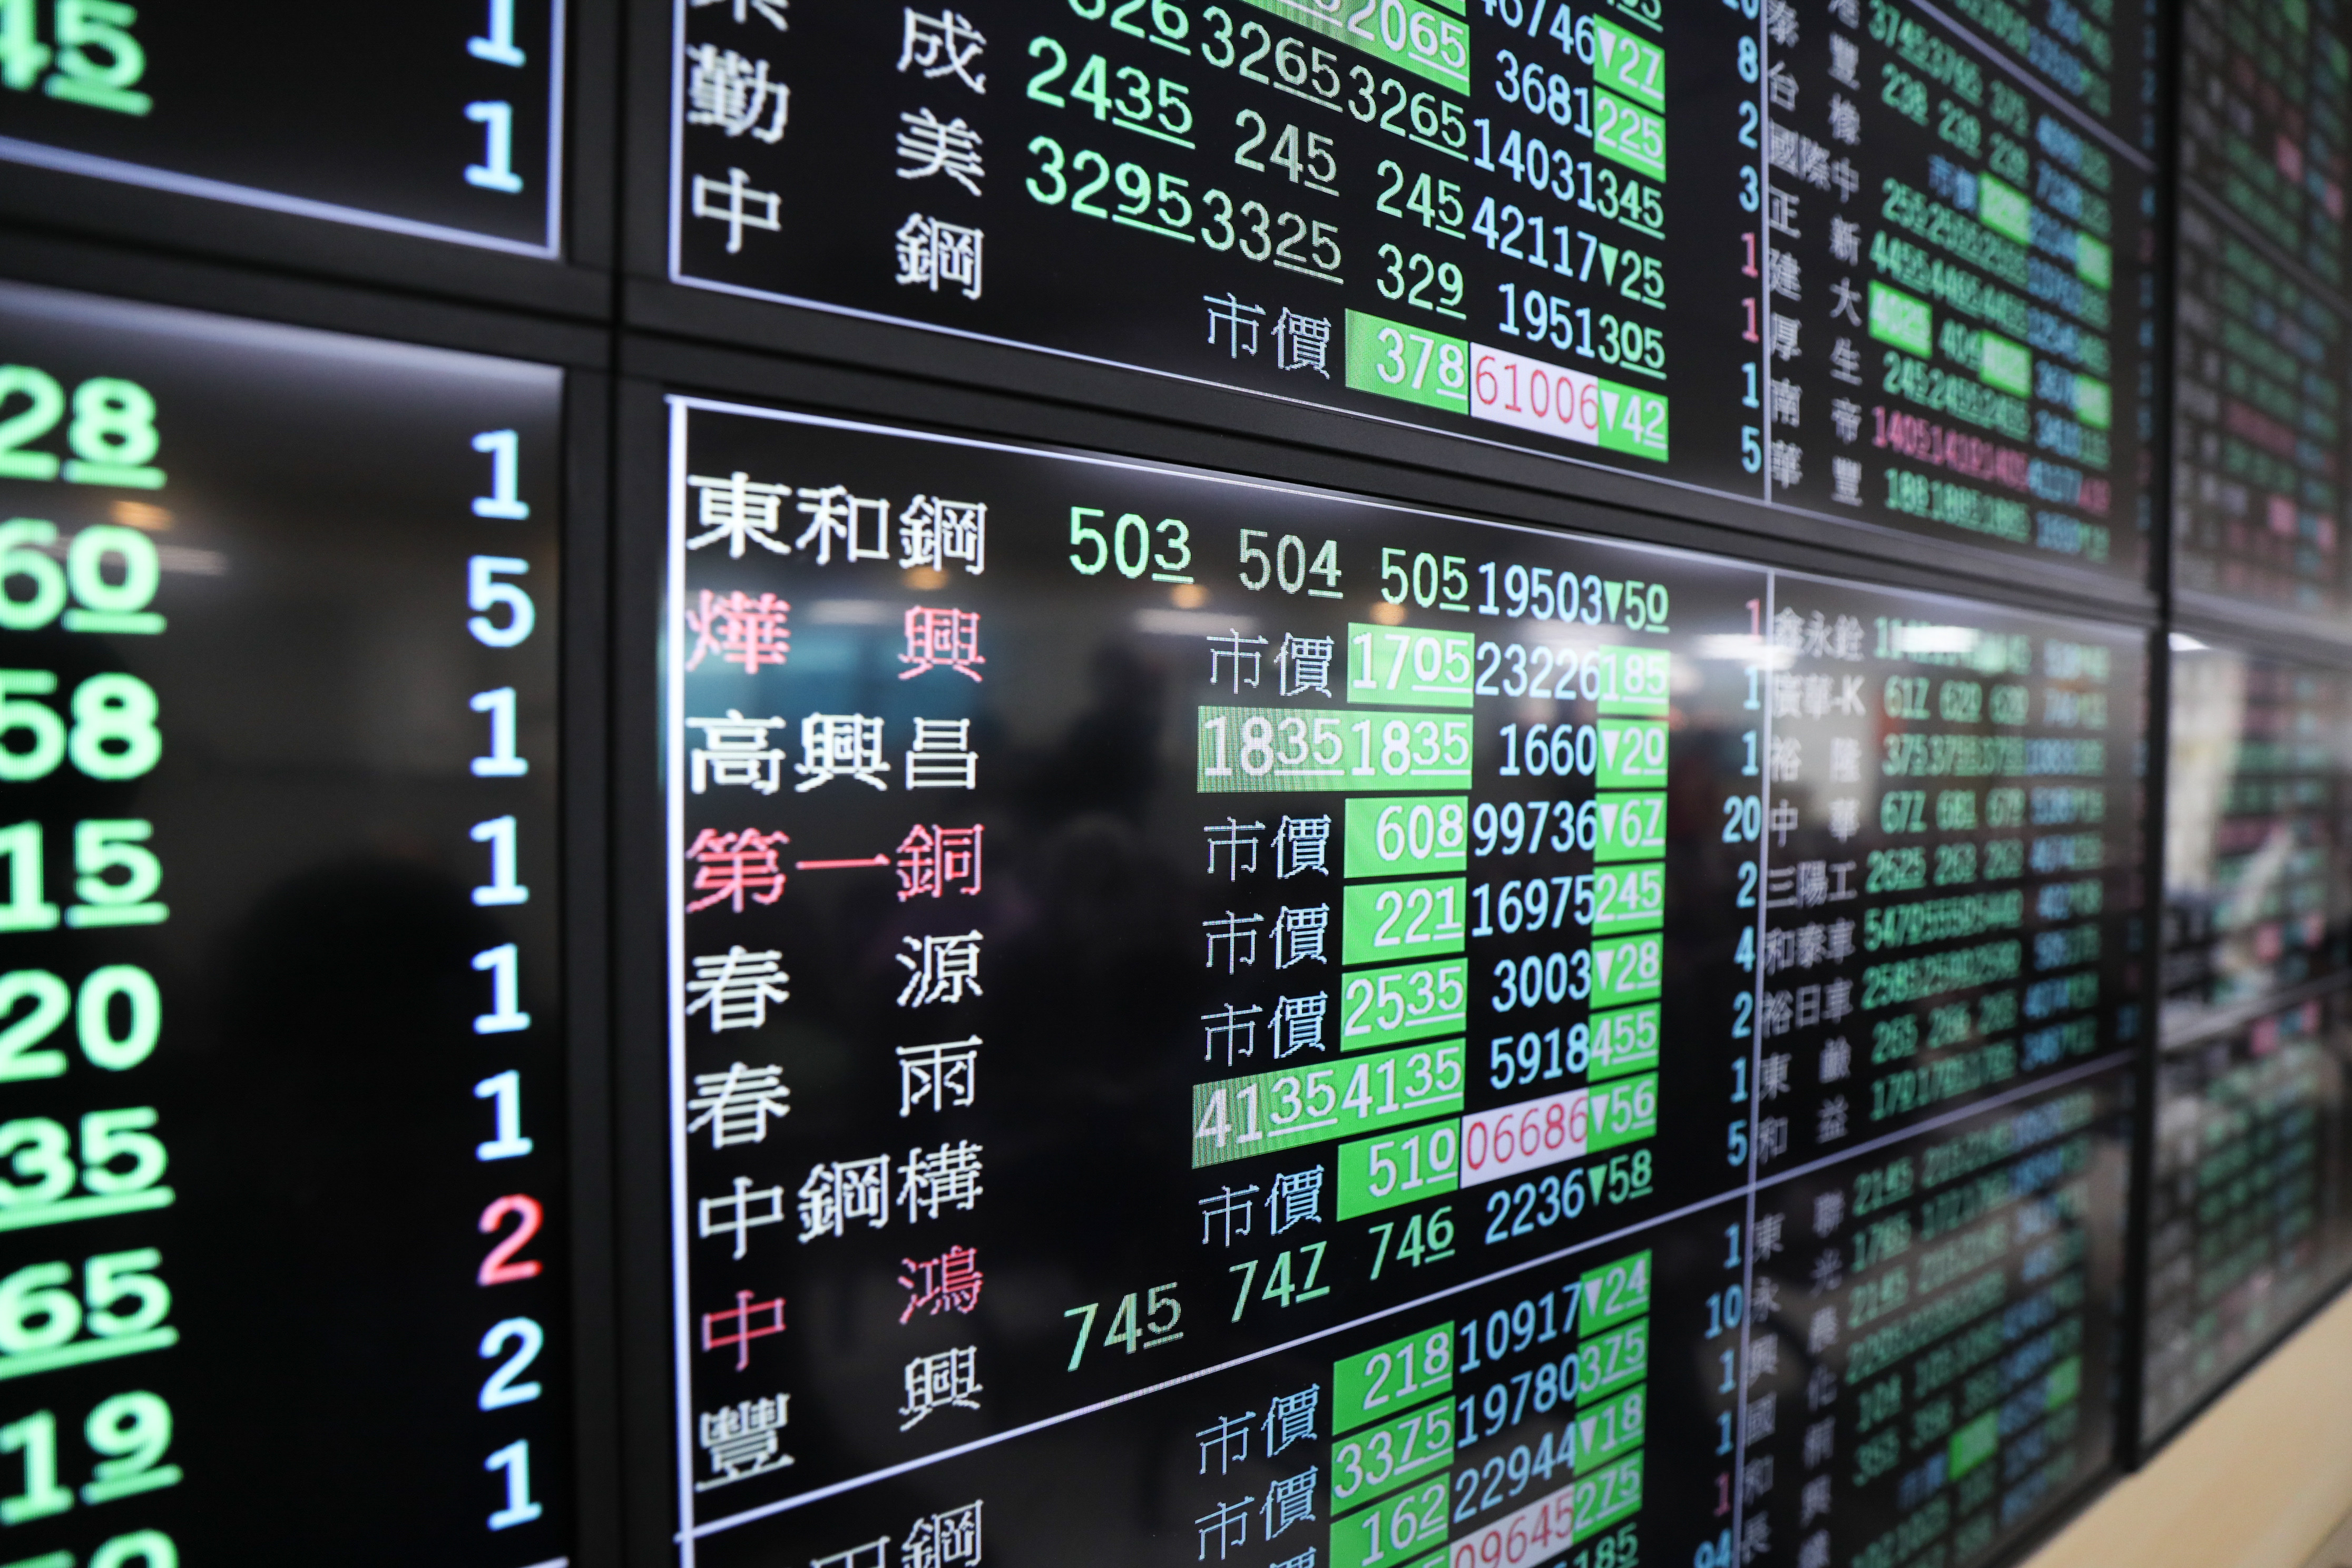 台股,股市,風險,存股,配息,股票,獲利,放空